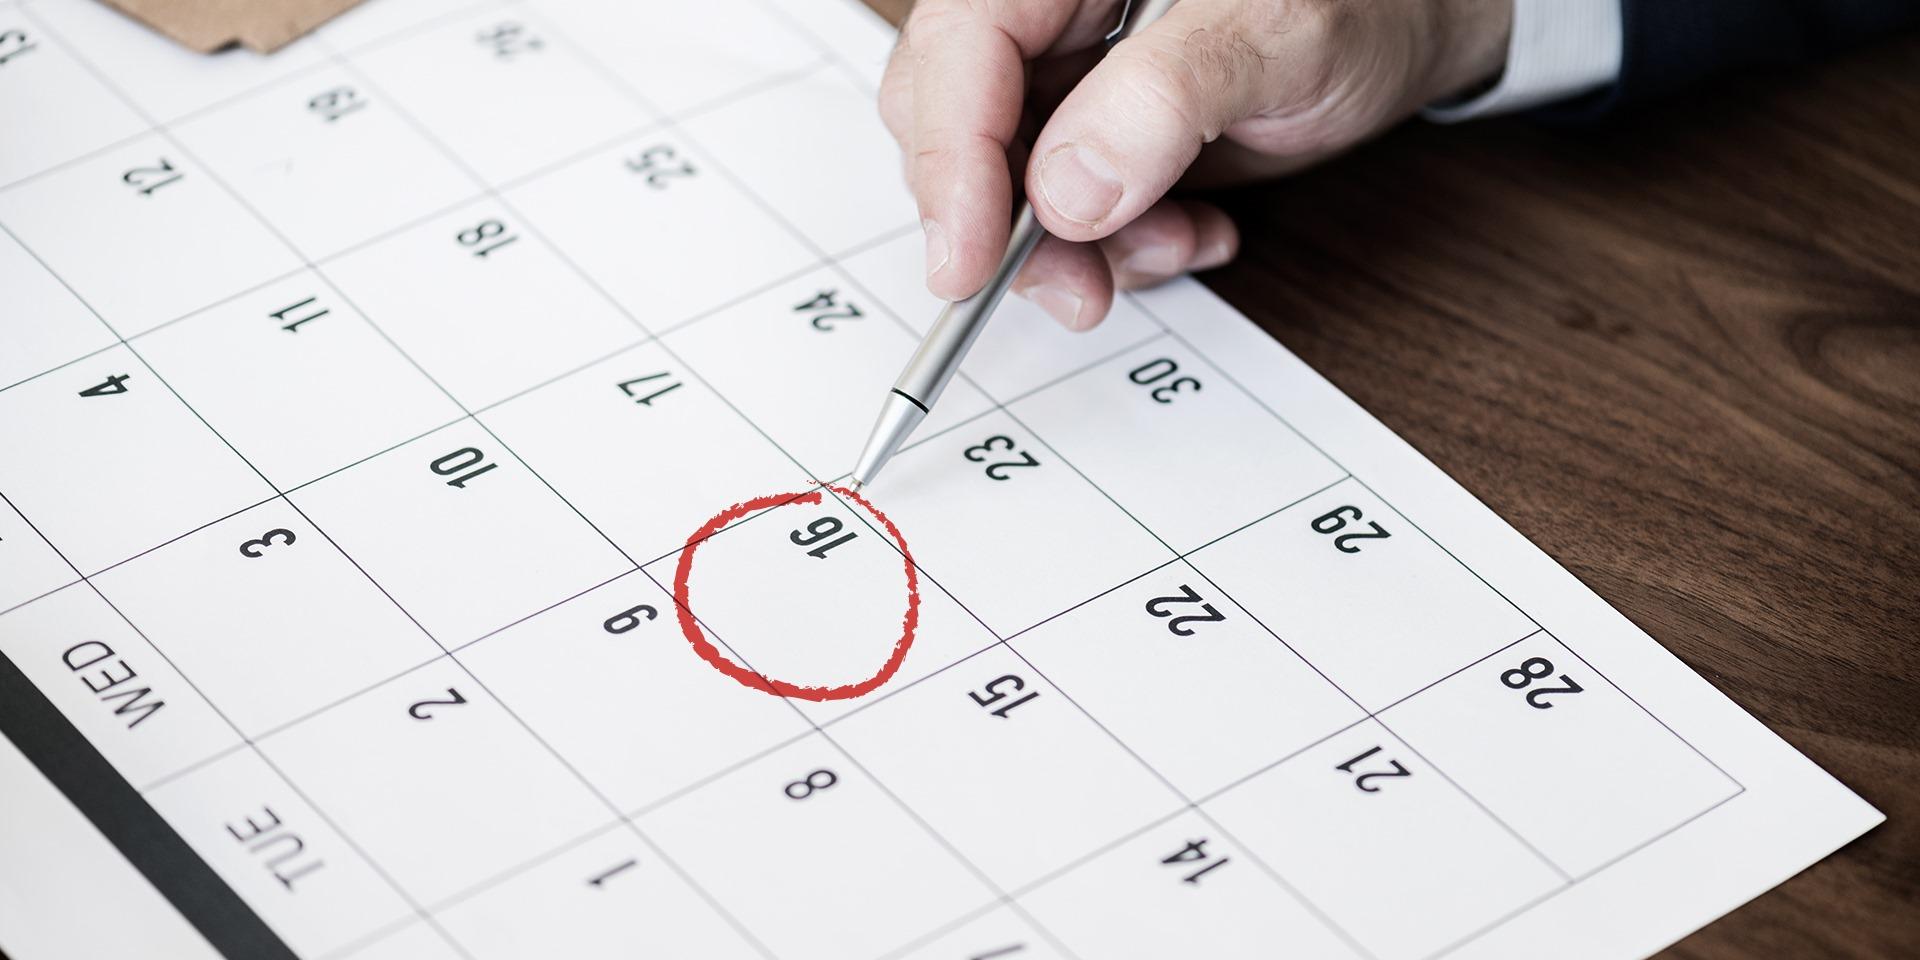 단시간 근로자나 일용근로자 고용할 경우 주휴수당 산정 시 꼭 유의하여야 할 사항 3가지 ?